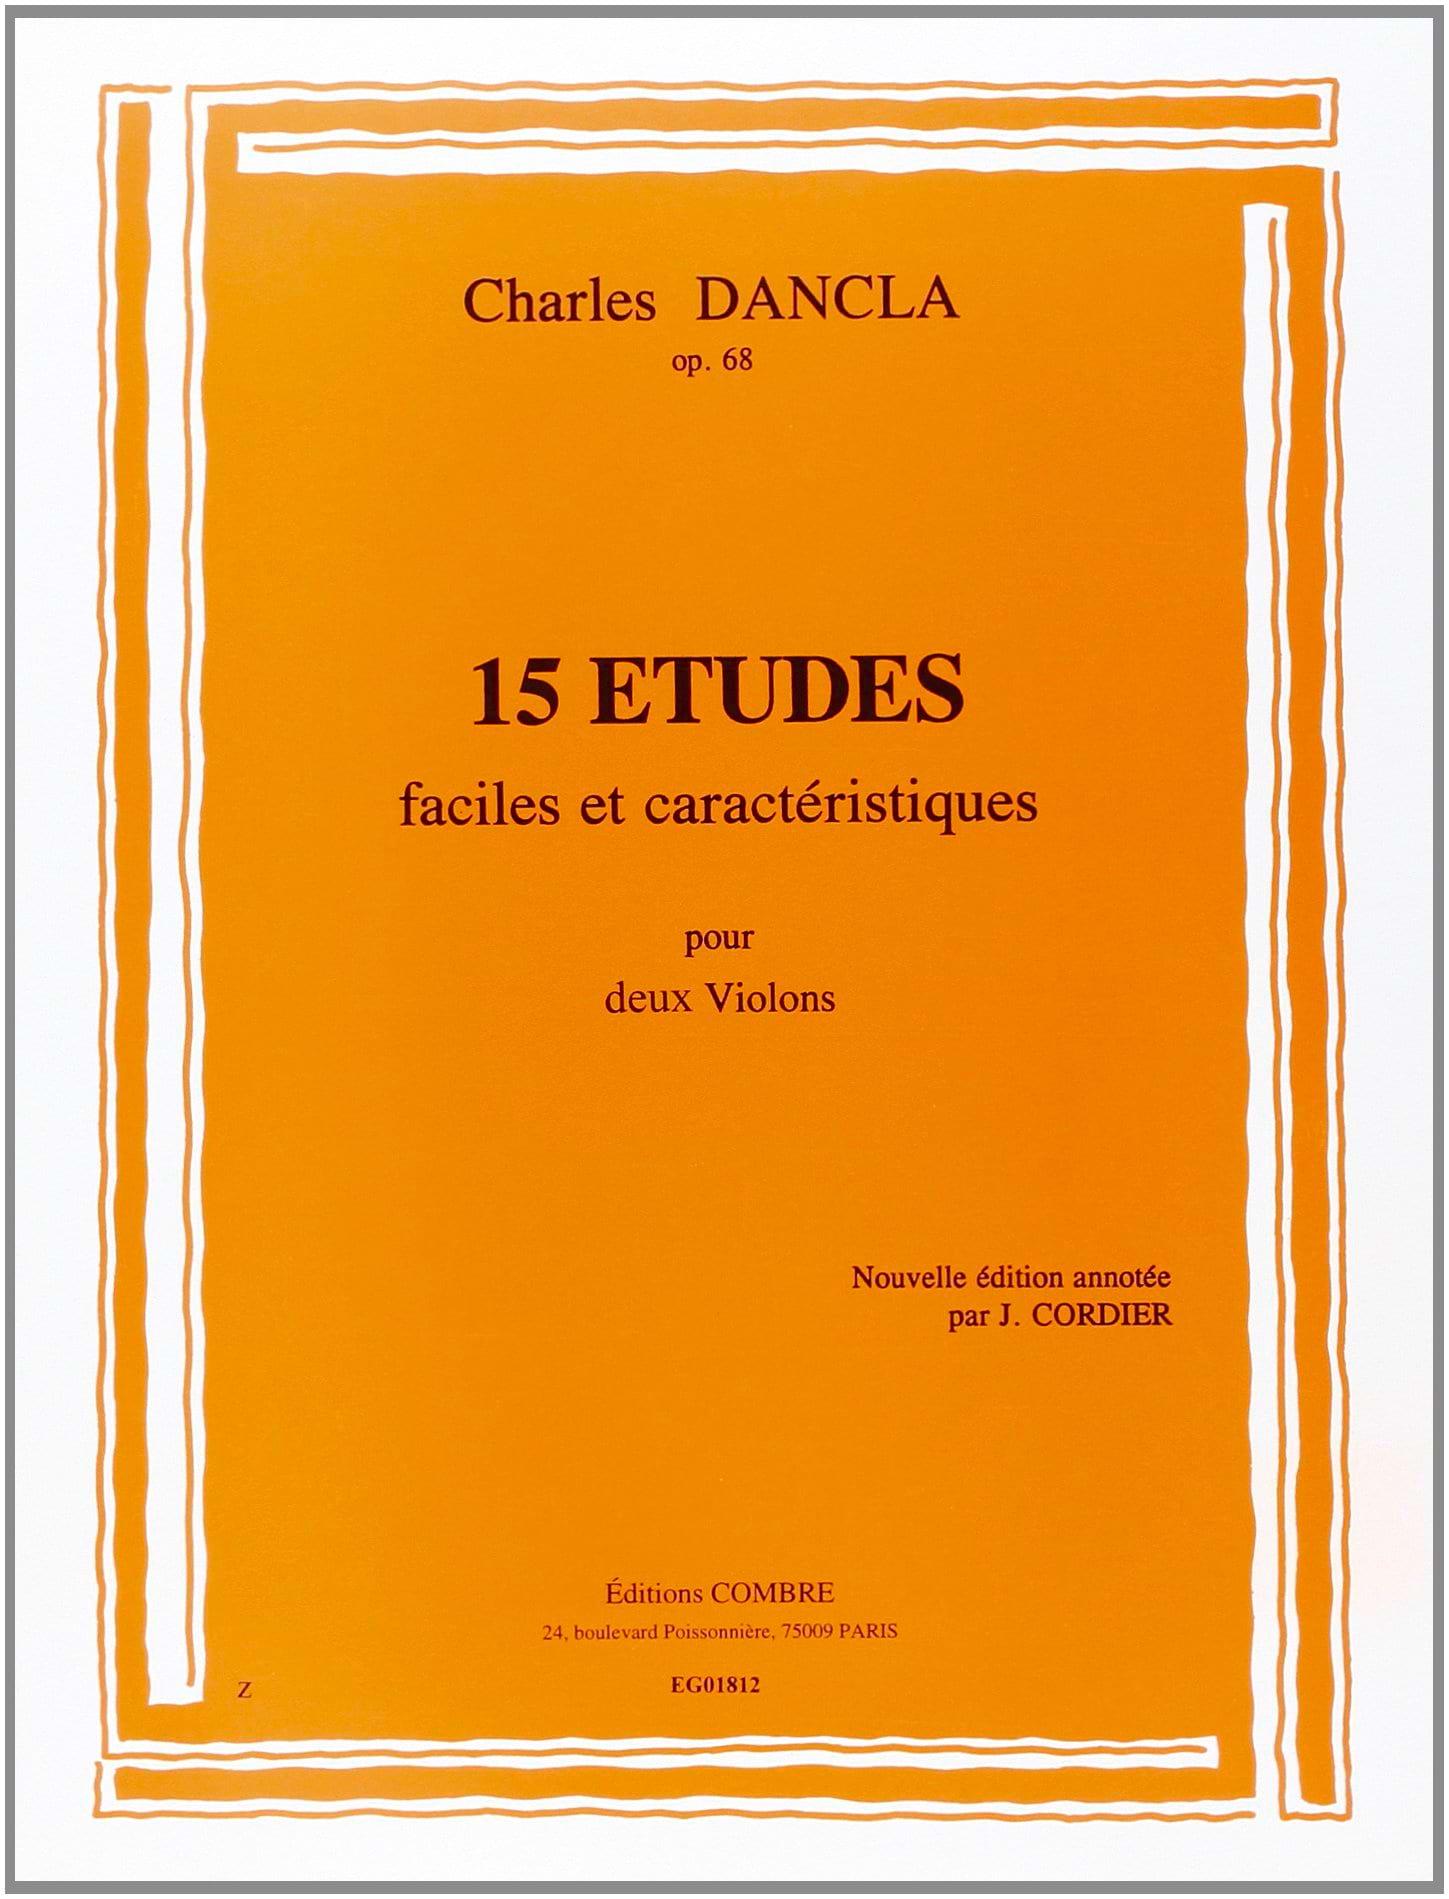 15 Etudes op. 68 - DANCLA - Partition - Violon - laflutedepan.com